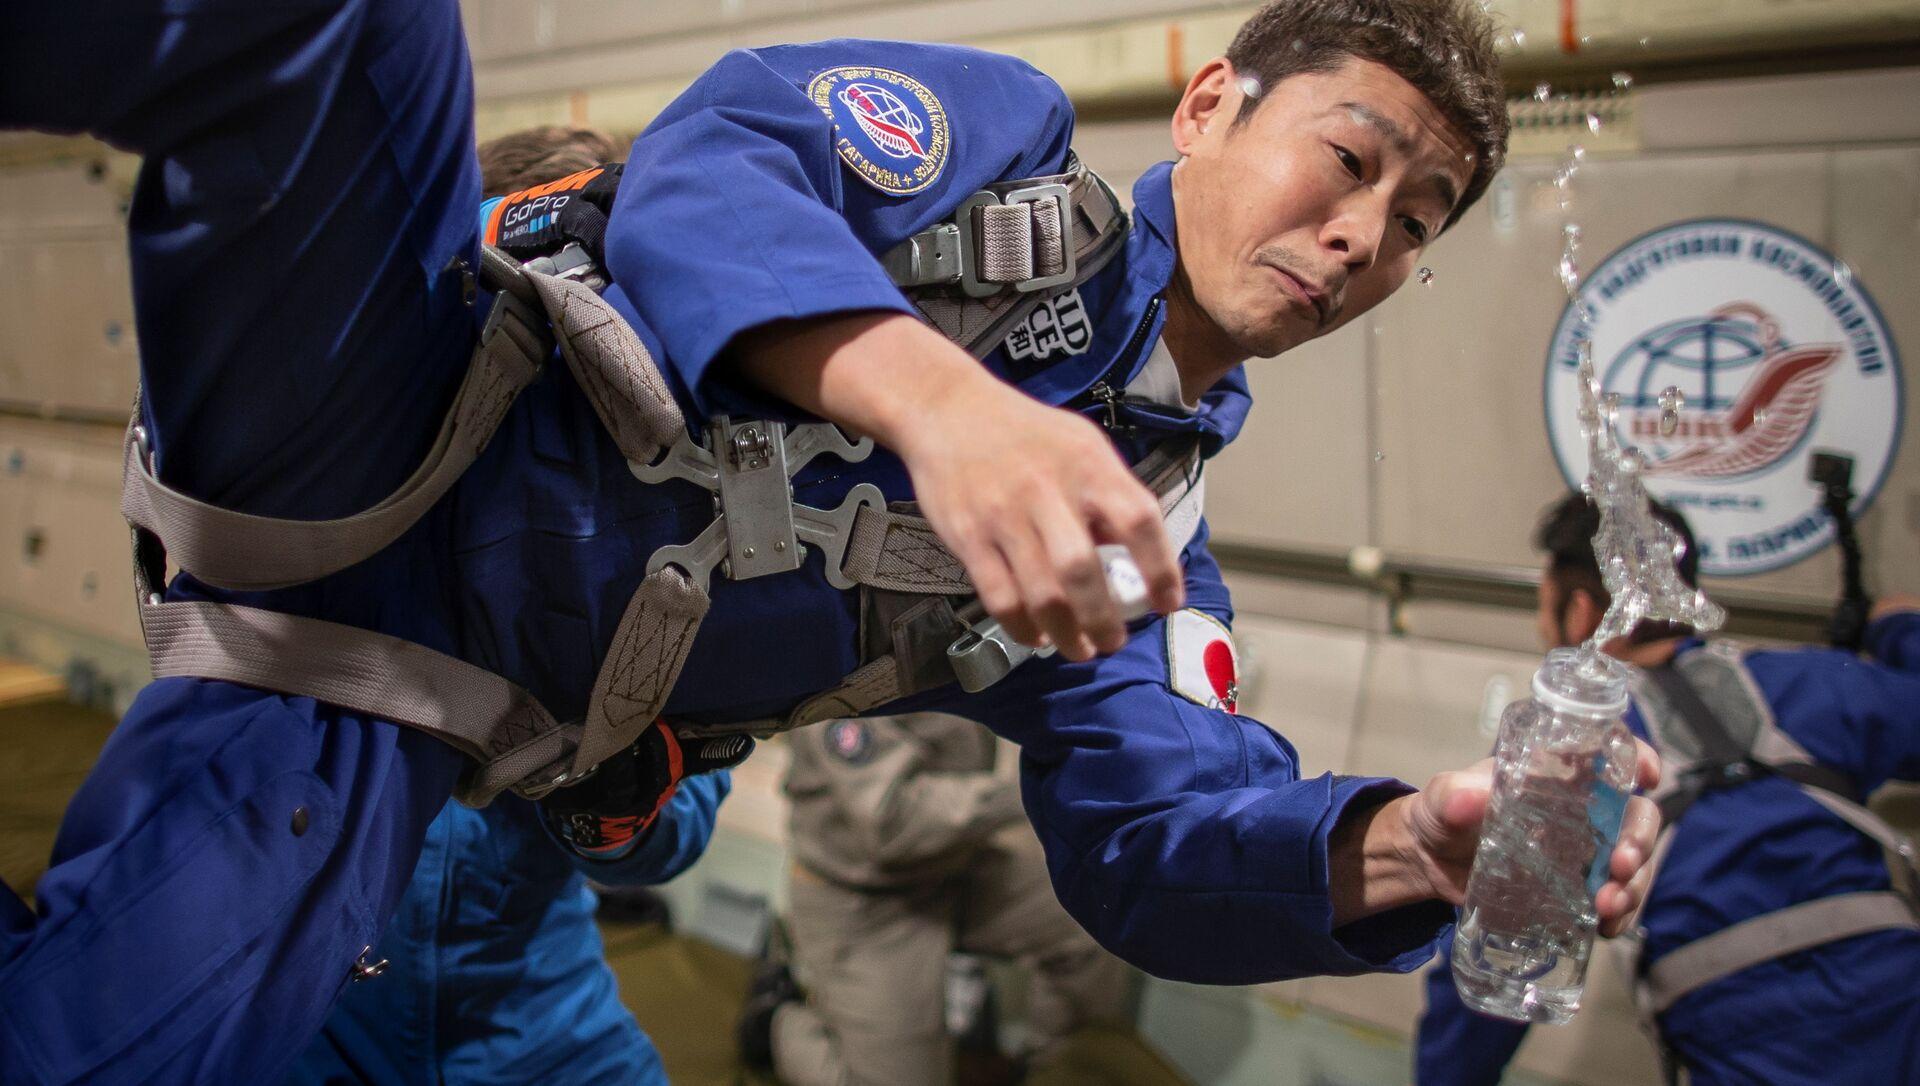 モスクワ郊外で無重力飛行の訓練をする前澤友作氏 - Sputnik 日本, 1920, 15.10.2021